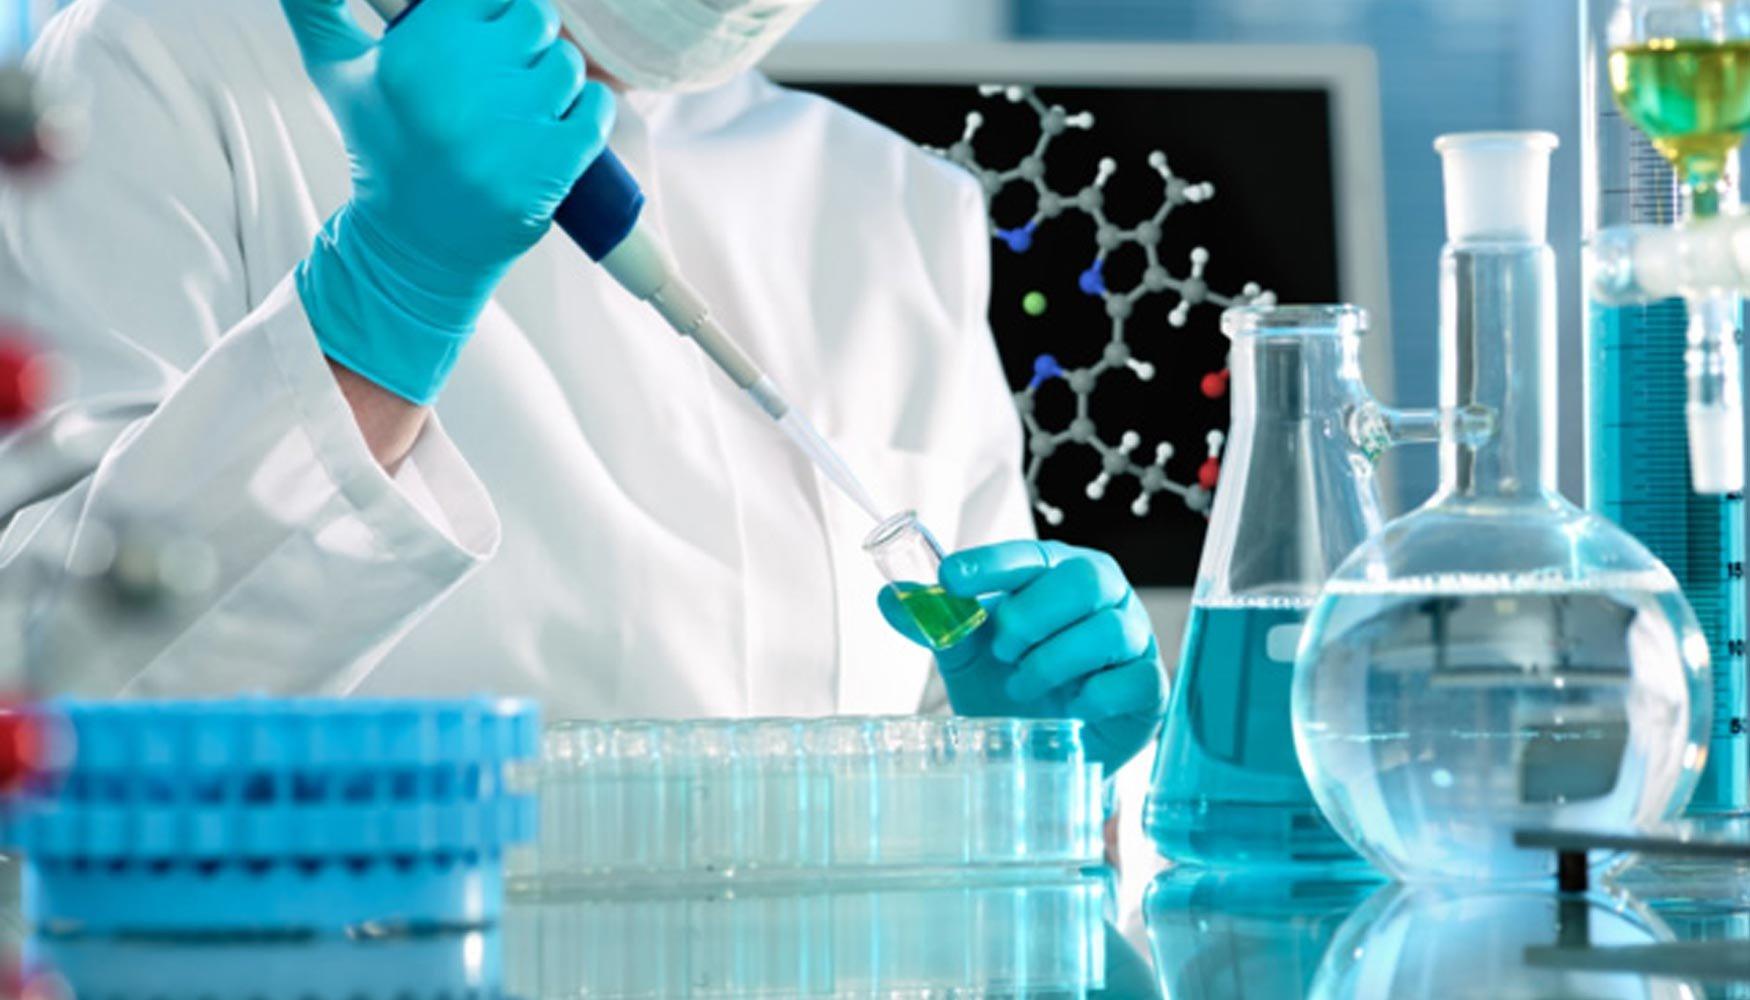 Brillantes perspectivas en el laboratorio - Química